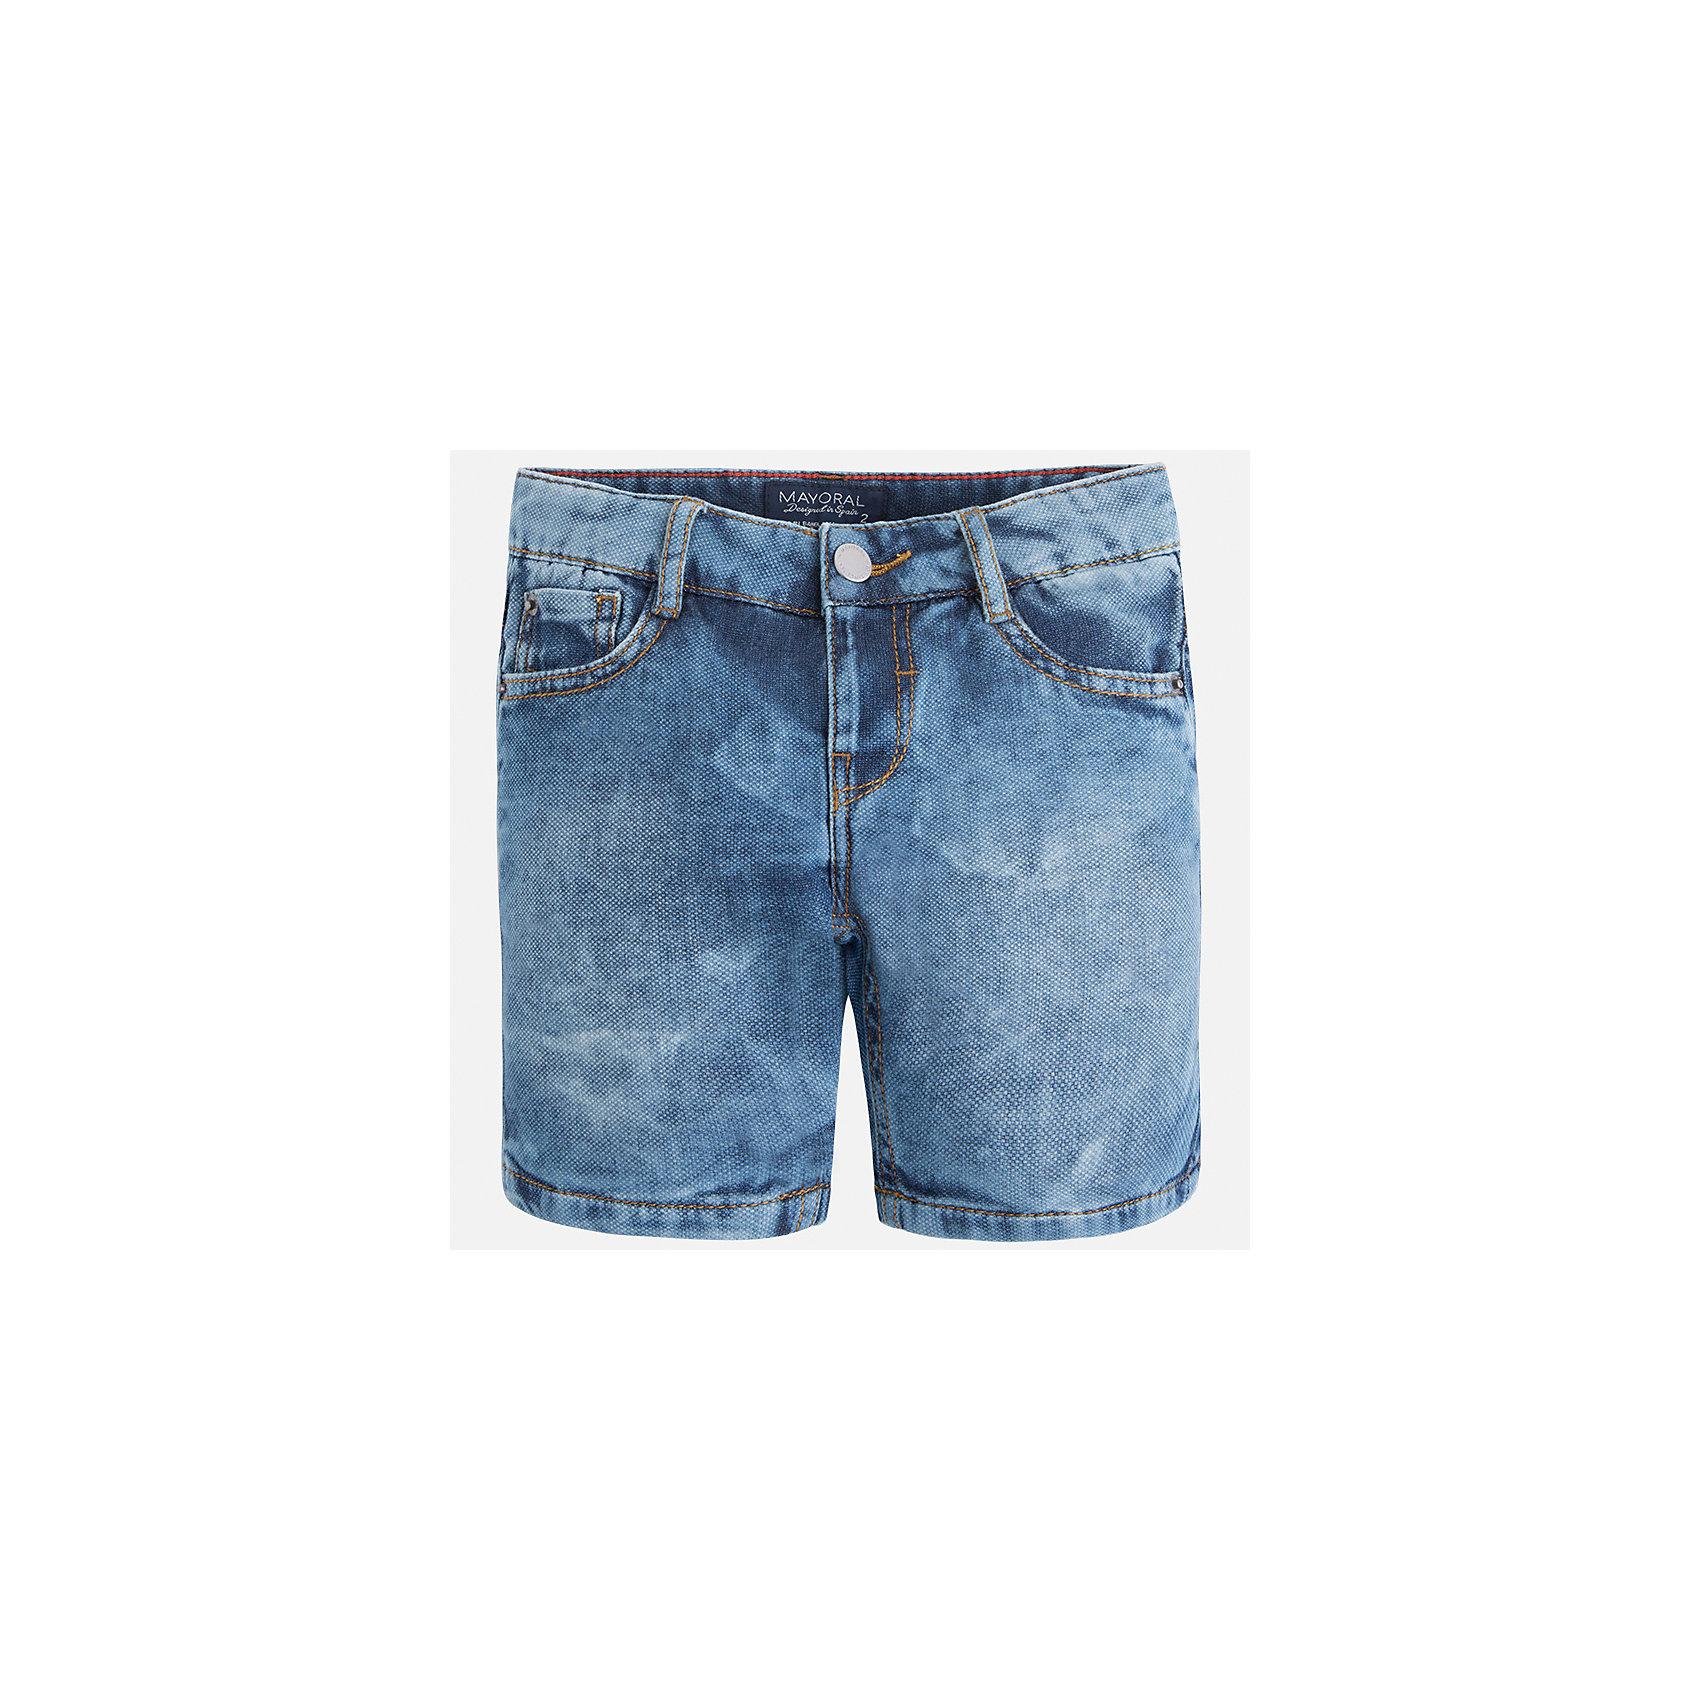 Бриджи джинсовые для мальчика MayoralХарактеристики товара:<br><br>• цвет: синий<br>• состав: 100% хлопок<br>• шлевки<br>• карманы<br>• пояс с регулировкой объема<br>• имитация потертости<br>• страна бренда: Испания<br><br>Модные бриджи для мальчика смогут стать базовой вещью в гардеробе ребенка. Они отлично сочетаются с майками, футболками, рубашками и т.д. Универсальный крой и цвет позволяет подобрать к вещи верх разных расцветок. Практичное и стильное изделие! В составе материала - натуральный хлопок, гипоаллергенный, приятный на ощупь, дышащий.<br><br>Одежда, обувь и аксессуары от испанского бренда Mayoral полюбились детям и взрослым по всему миру. Модели этой марки - стильные и удобные. Для их производства используются только безопасные, качественные материалы и фурнитура. Порадуйте ребенка модными и красивыми вещами от Mayoral! <br><br>Бриджи для мальчика от испанского бренда Mayoral (Майорал) можно купить в нашем интернет-магазине.<br><br>Ширина мм: 191<br>Глубина мм: 10<br>Высота мм: 175<br>Вес г: 273<br>Цвет: голубой<br>Возраст от месяцев: 18<br>Возраст до месяцев: 24<br>Пол: Мужской<br>Возраст: Детский<br>Размер: 92,134,128,122,116,110,104,98<br>SKU: 5272603